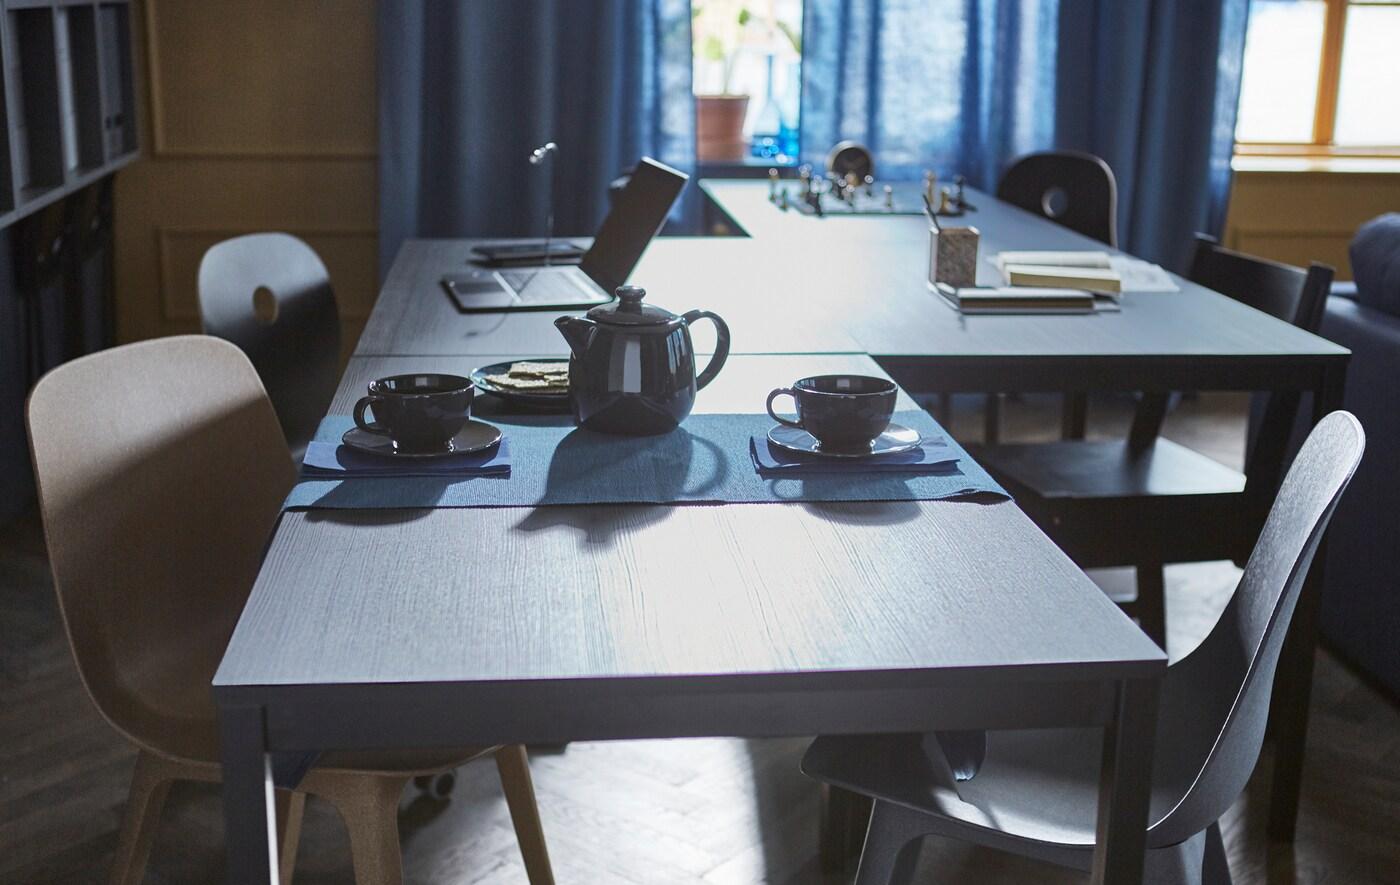 4 طاولات مرتّبة بشكل متعرّج لاستيعاب أنشطة مختلفة مثل الشطرنج، الفروض المنزلية، ووقت تناول الشاي.